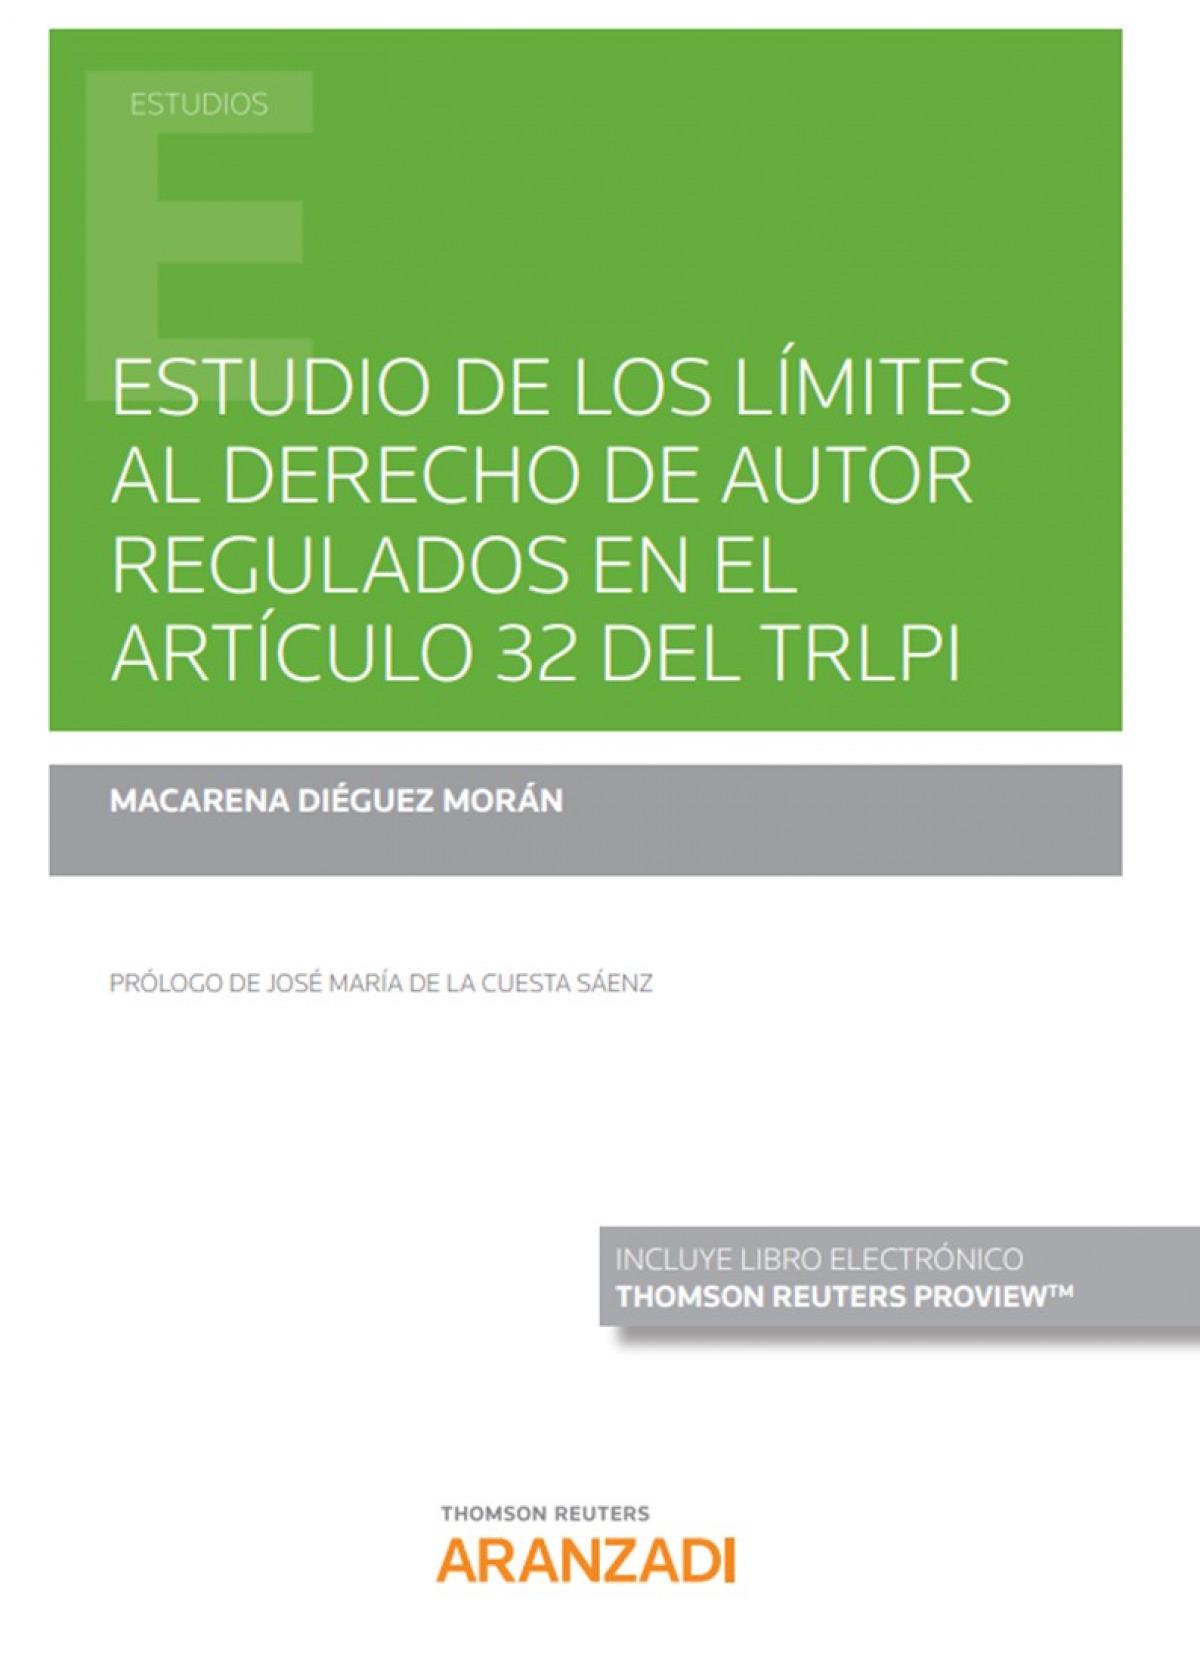 ESTUDIO DE LIMITES AL DERECHO DE AUTOR REGULADOS ARTICUL 32